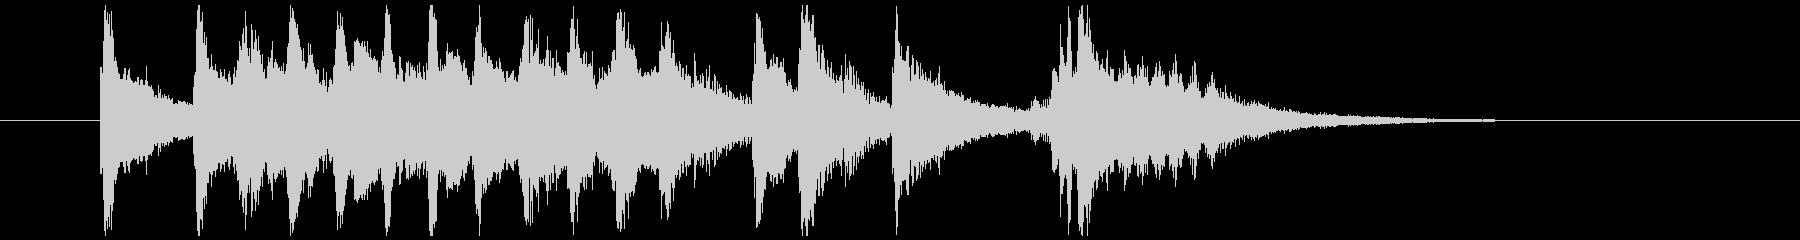 三味線、琴を使用した和風ジングルの未再生の波形